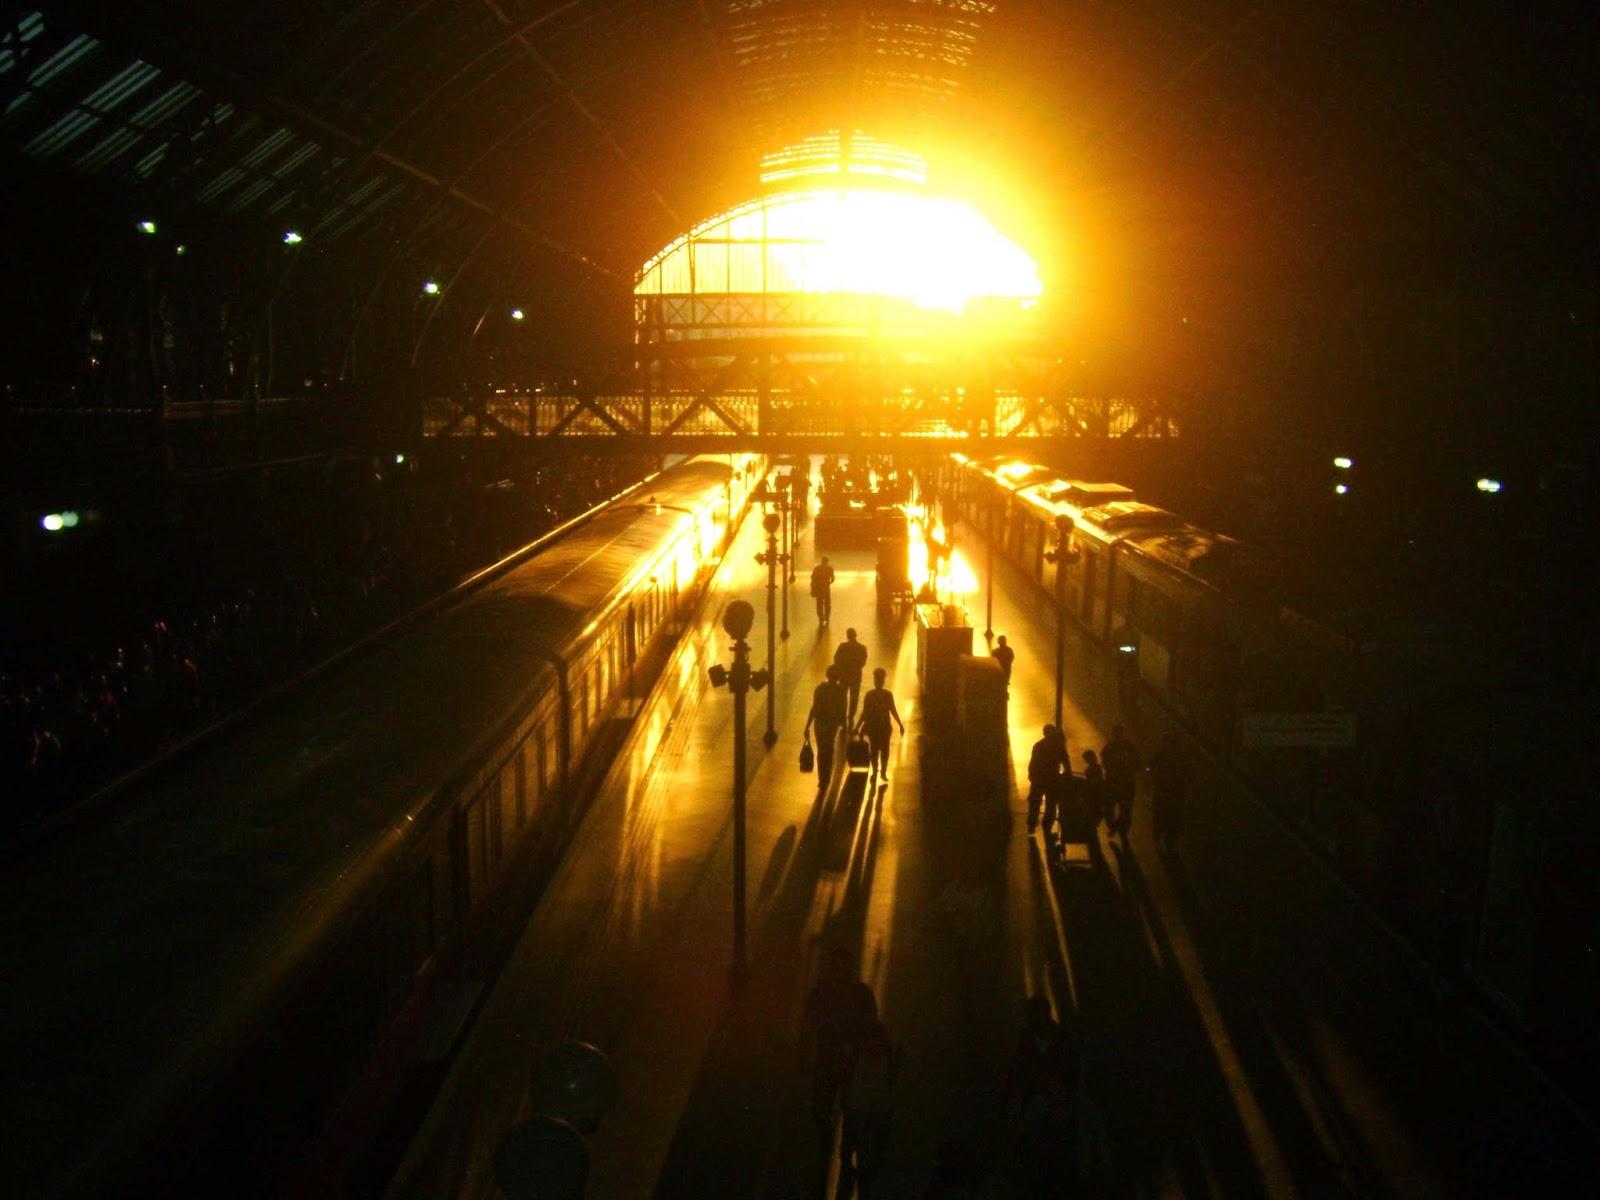 Rogério de Moura, estação de metrô, estação de trem, estação da Luz